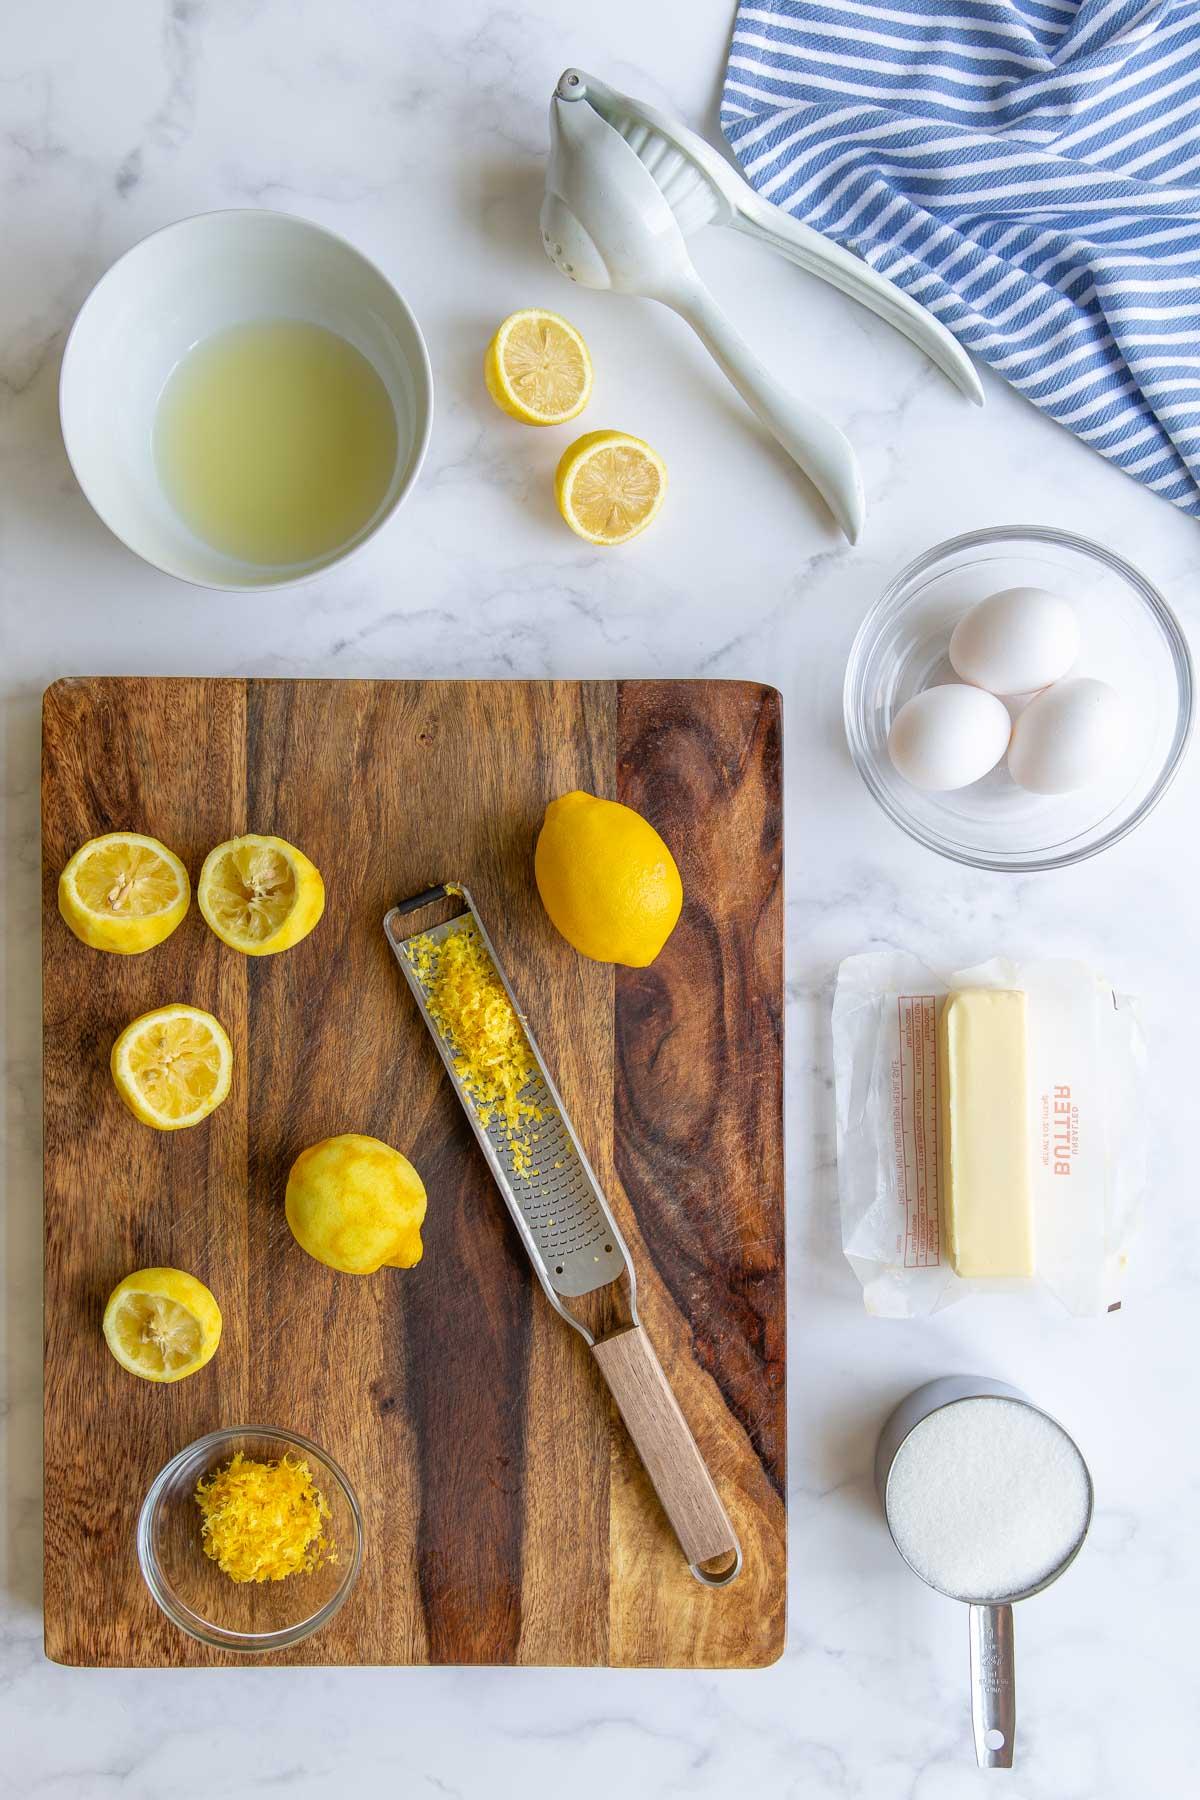 Overhead view of ingredients needed to make microwave lemon curd.